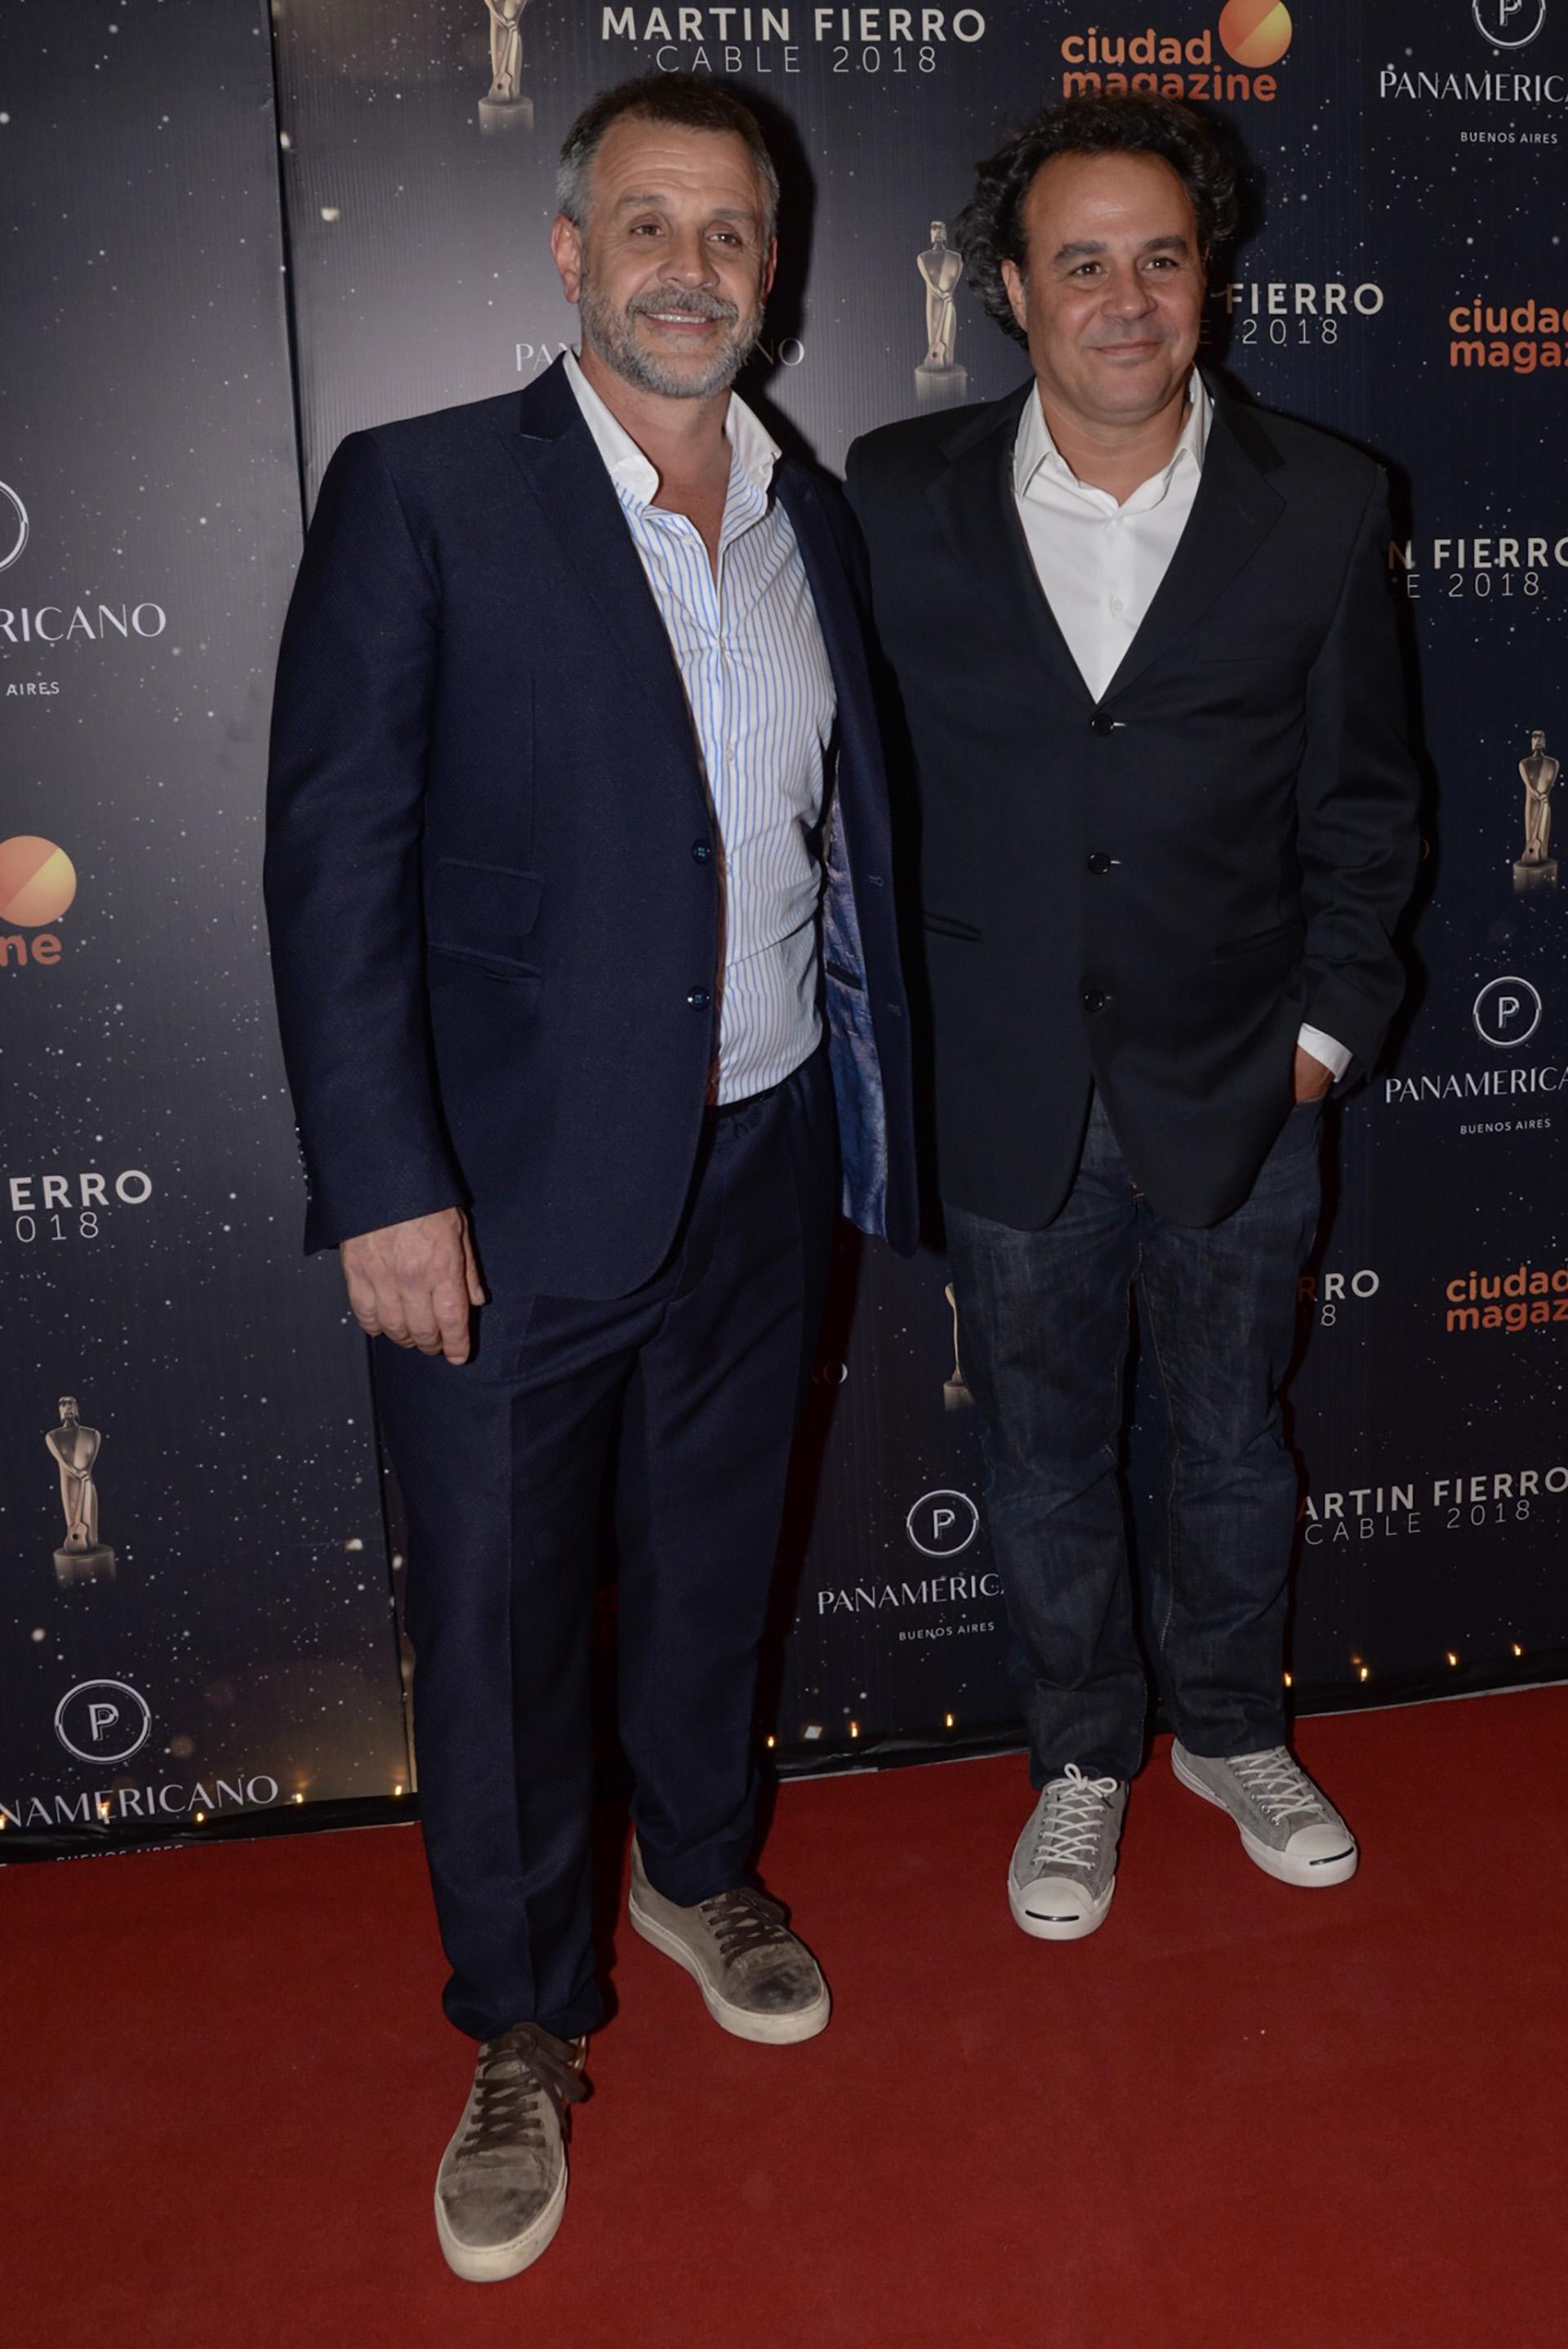 Christian y Roberto Petersen